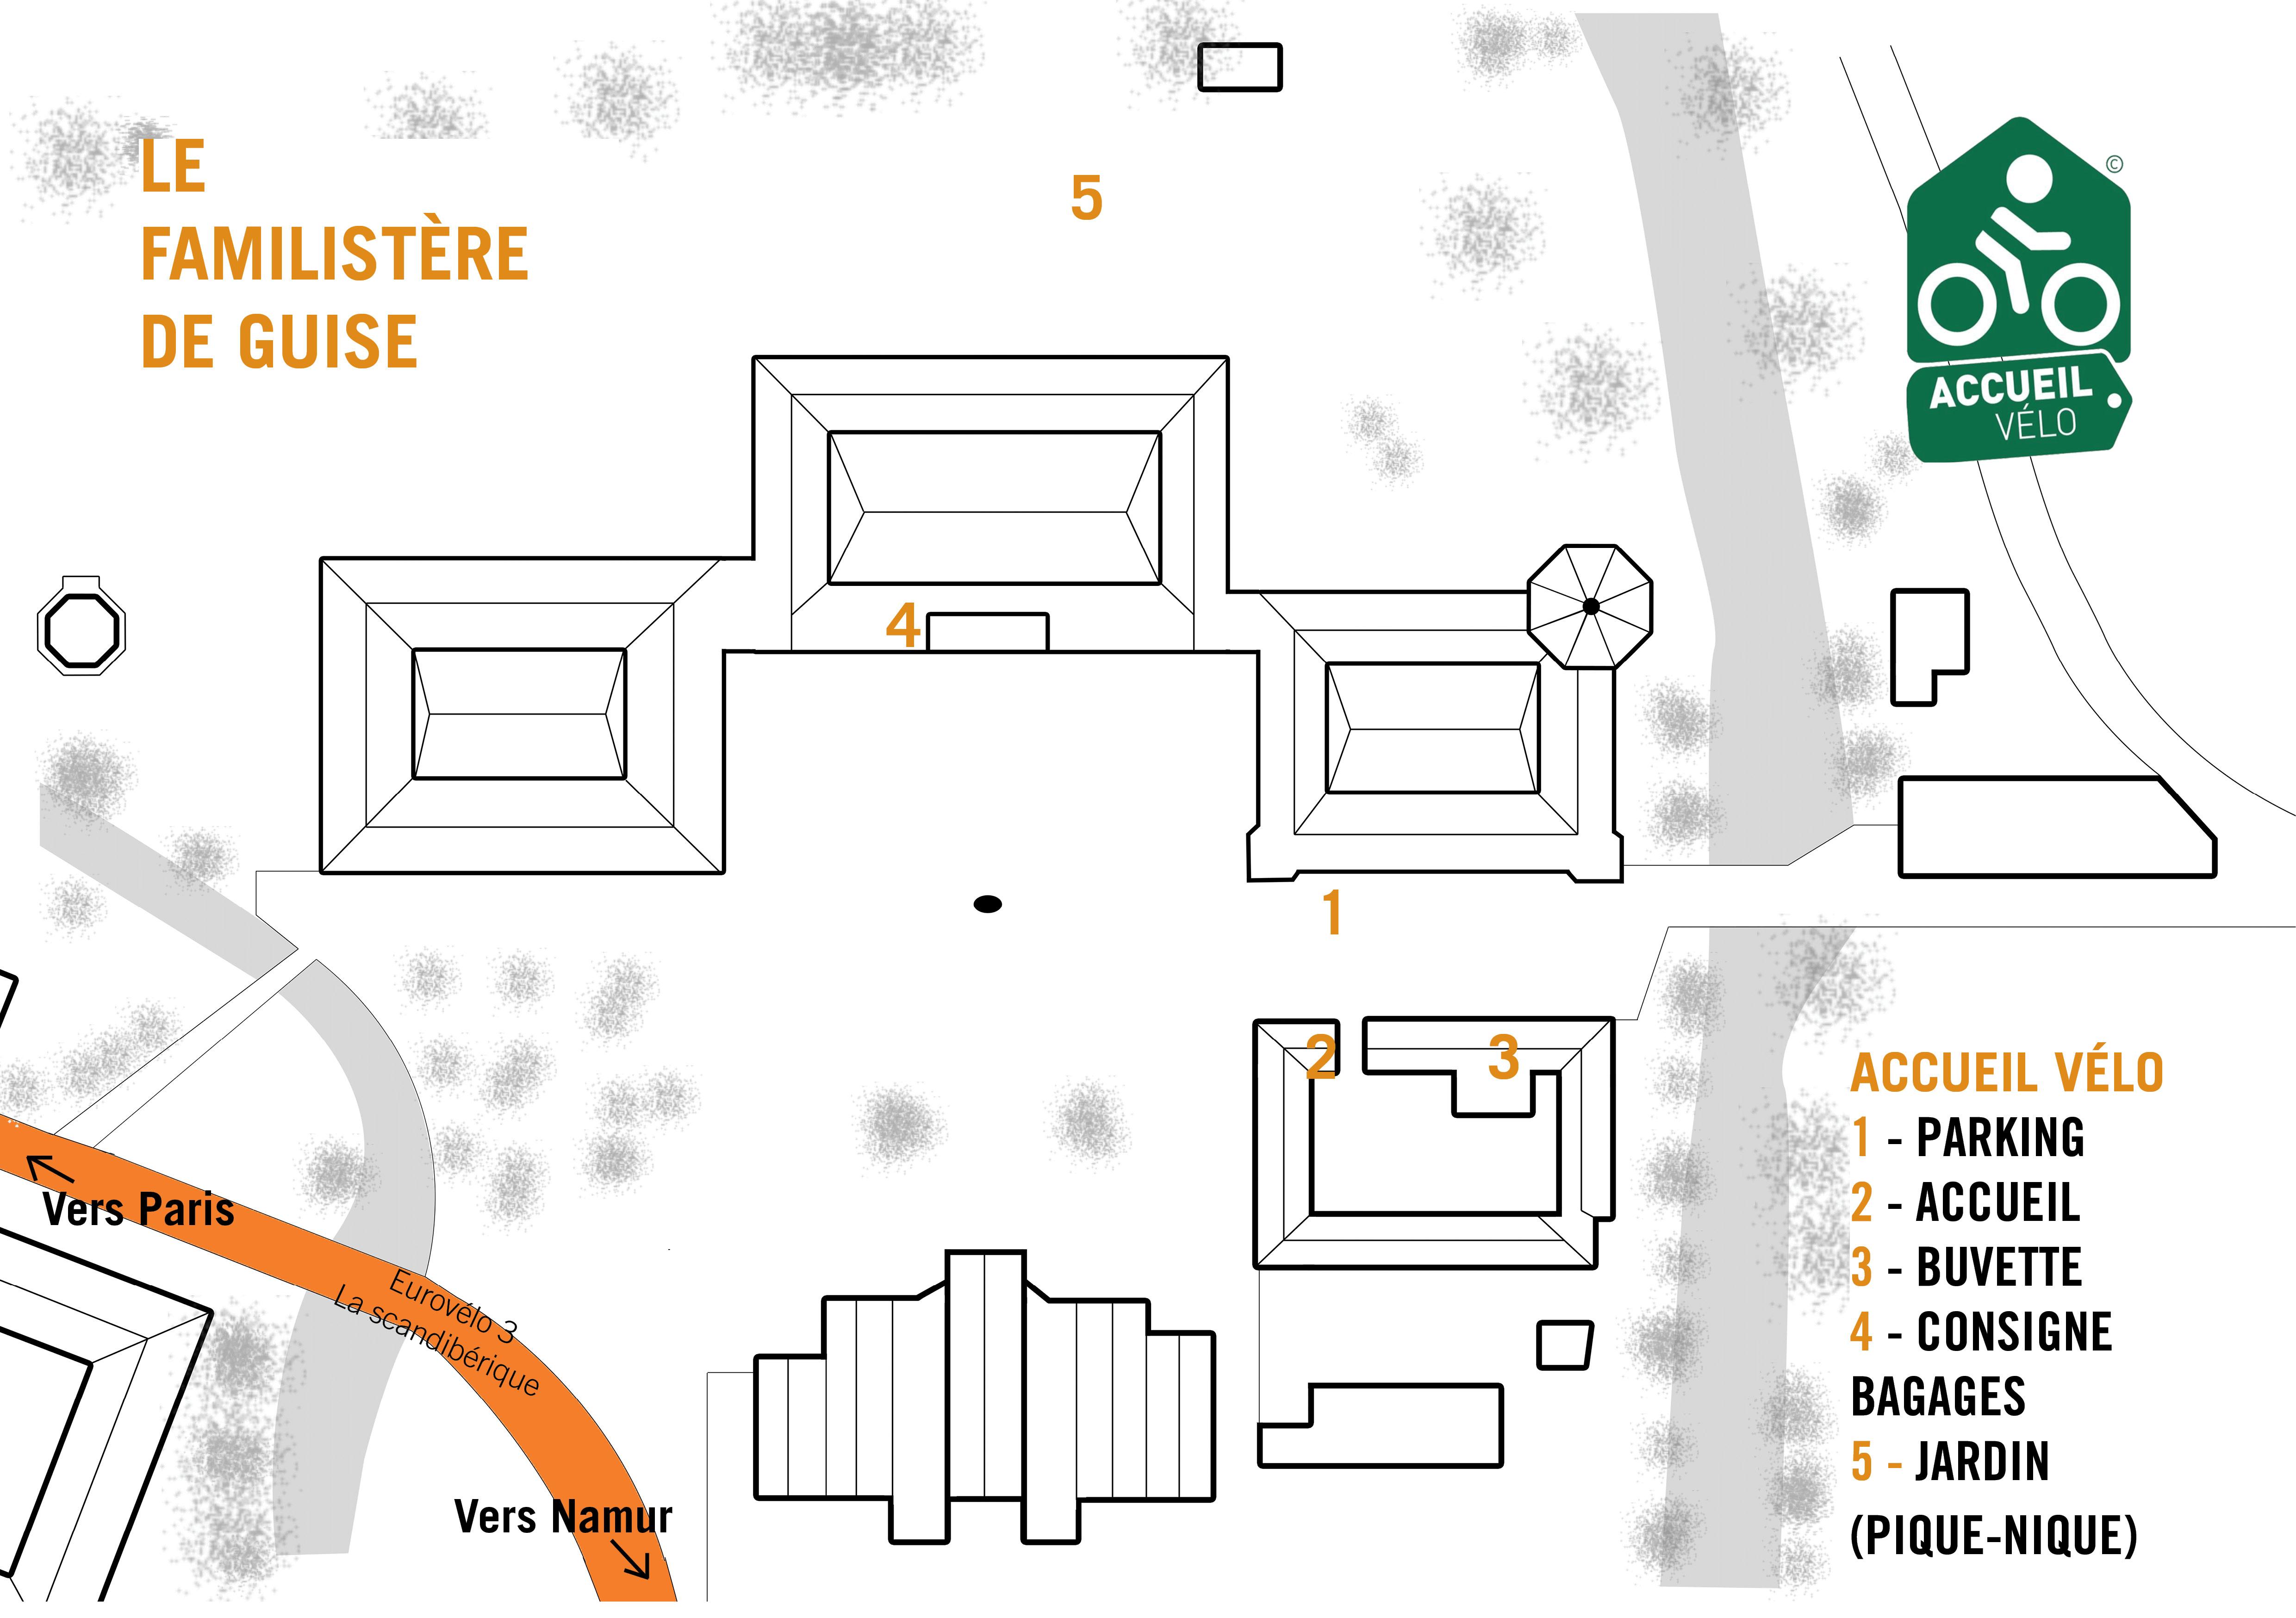 Plan du Familistère accueil vélo